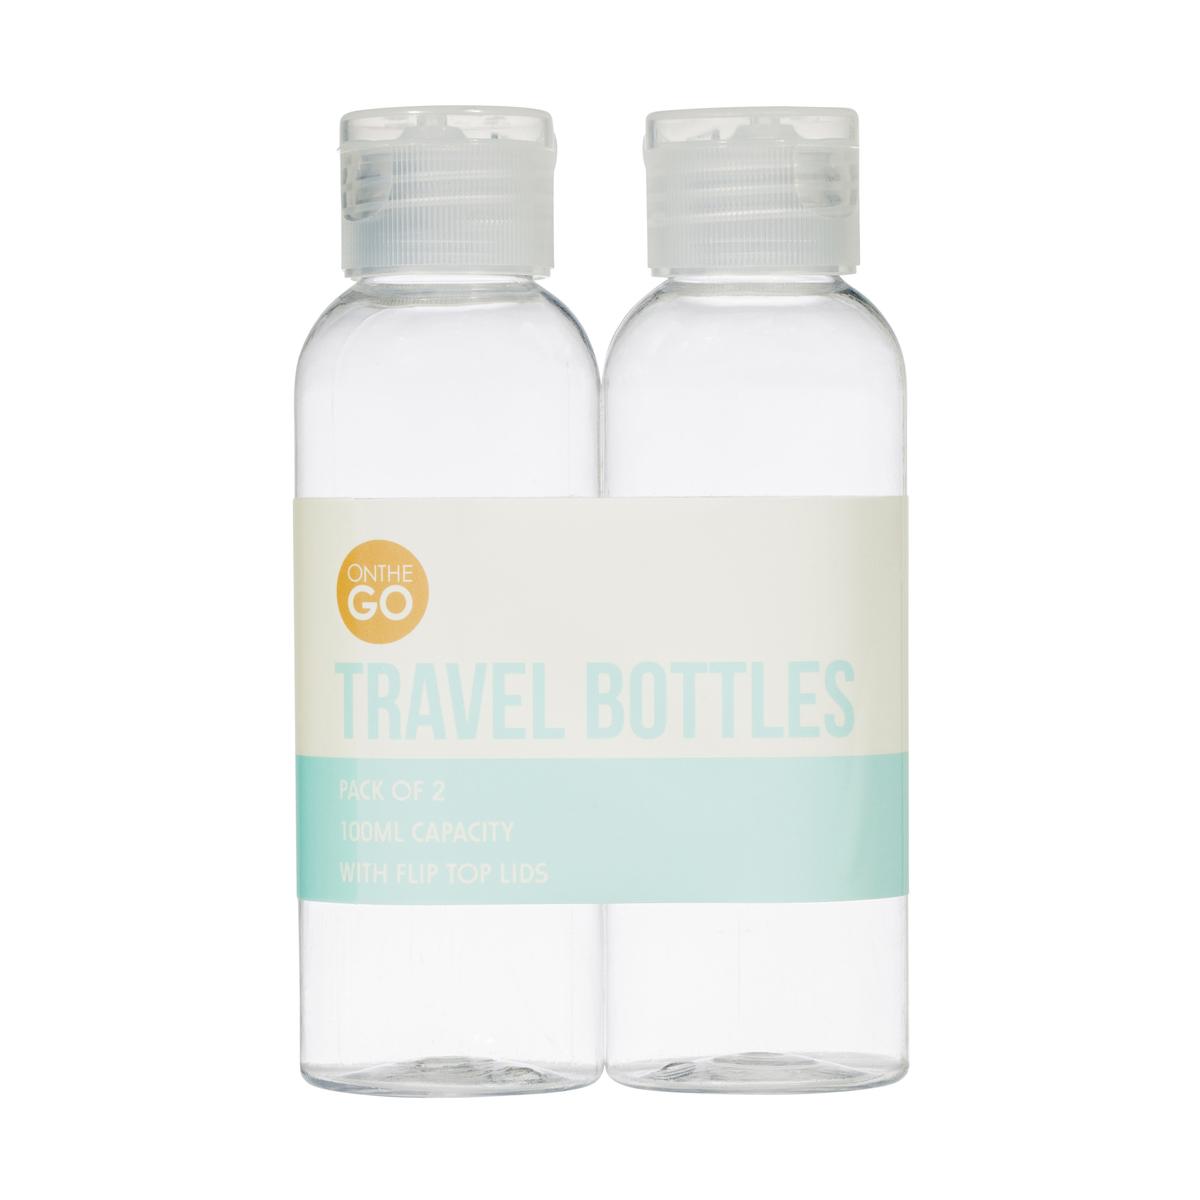 100ml 2 Pack Clear Travel Bottles Kmart